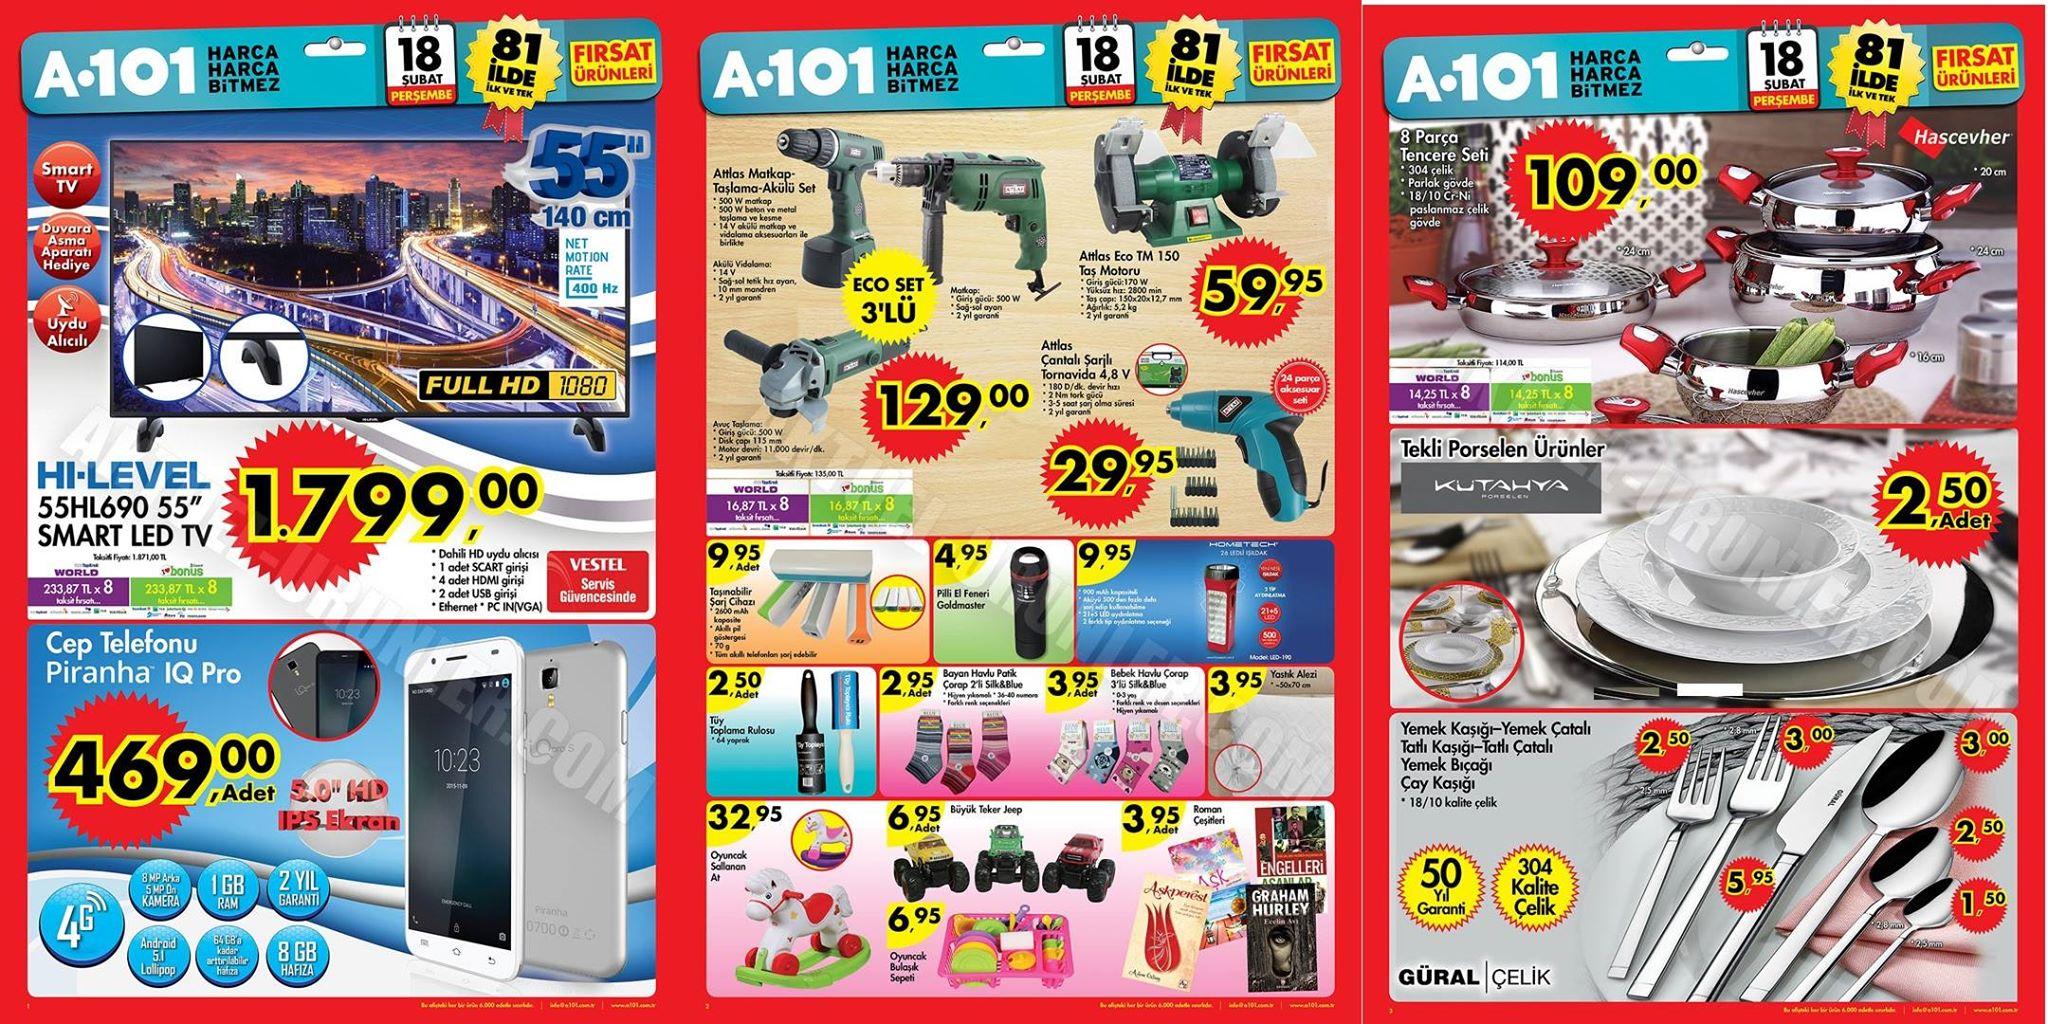 A101 18 Şubat 2016 İndirimli Ürünler Broşürü